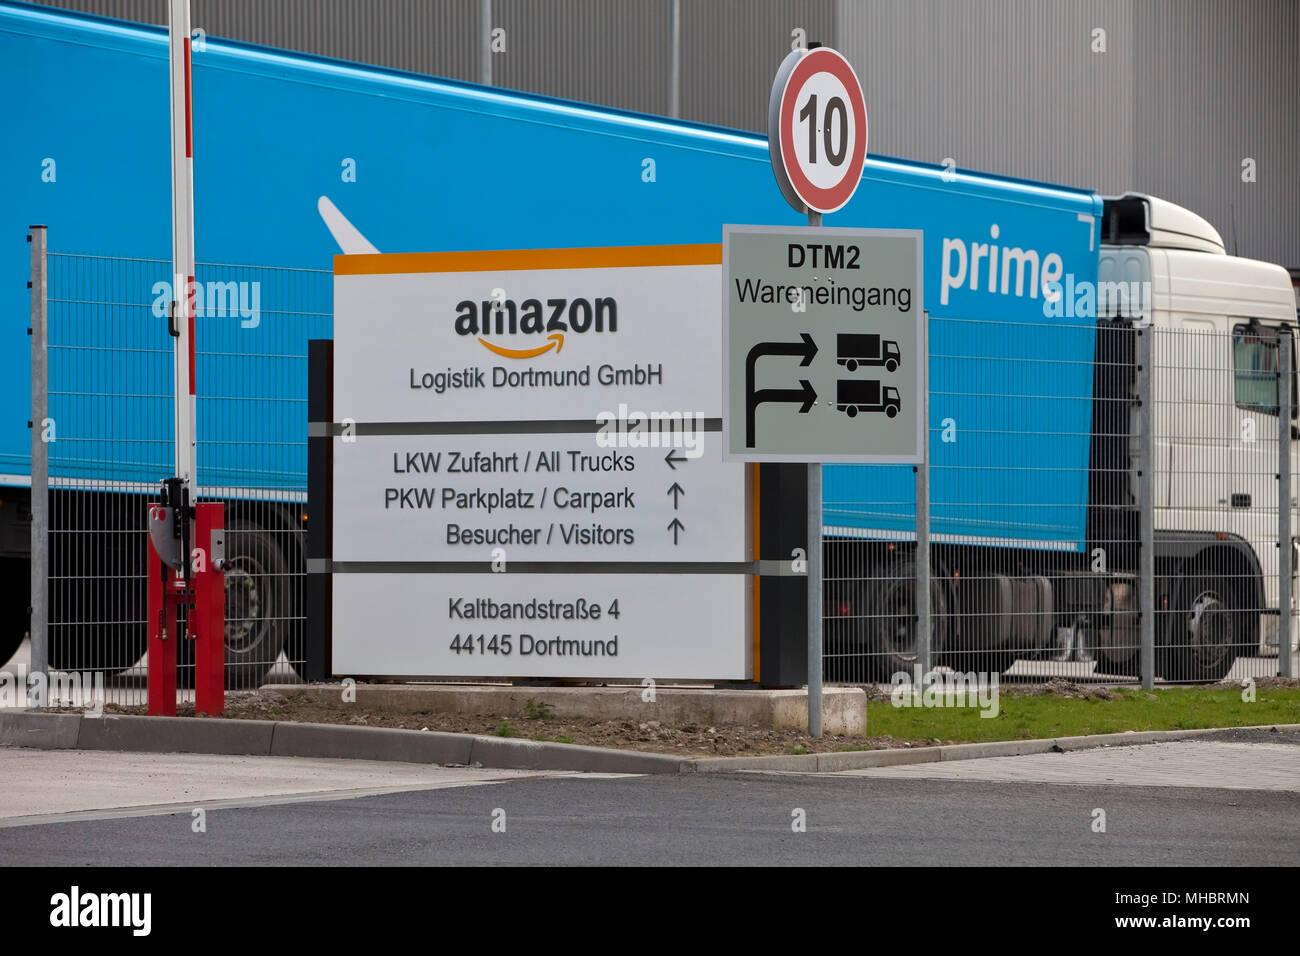 Amazon Prime Germany